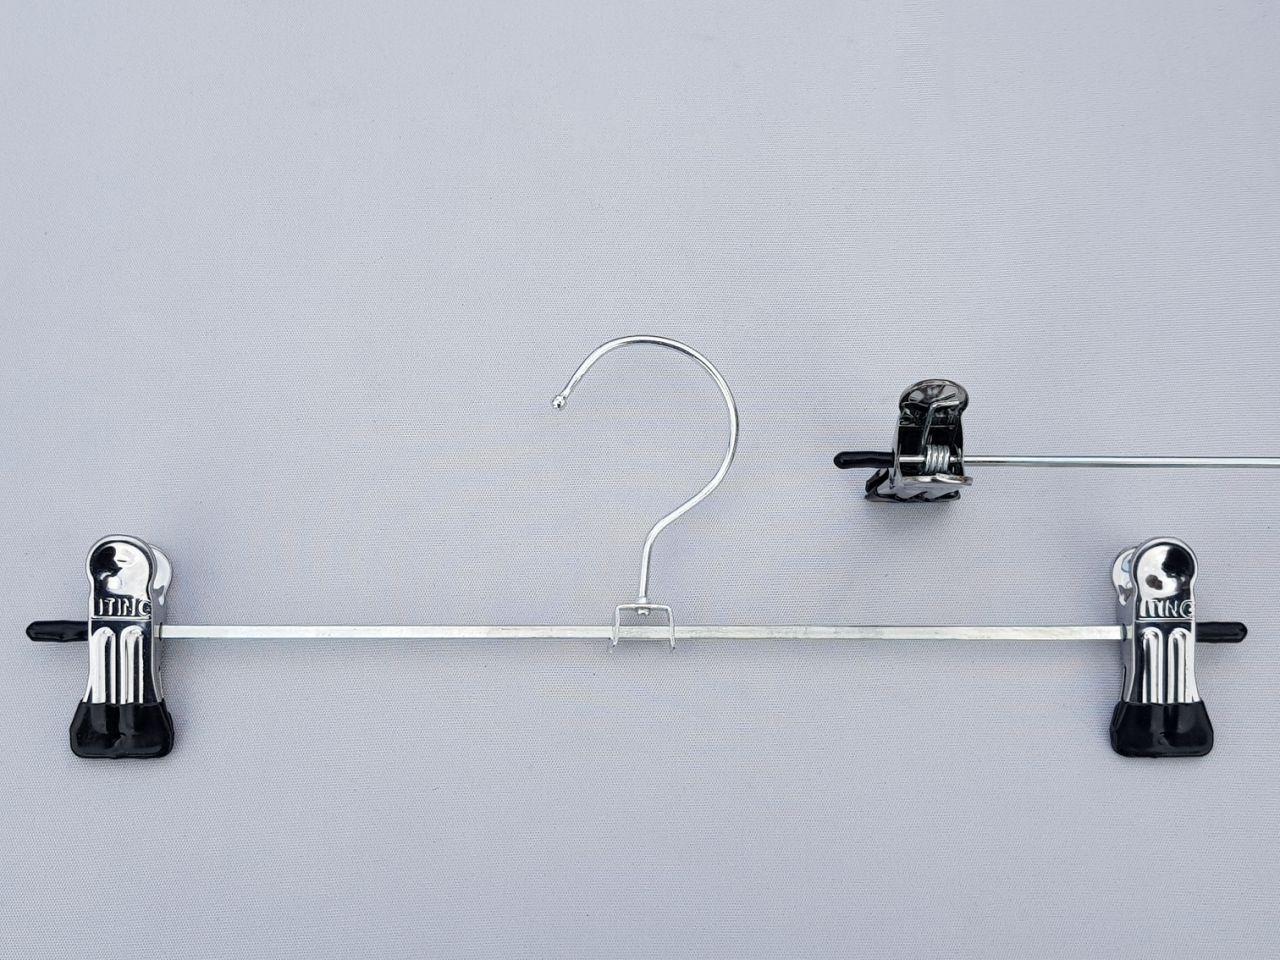 Длина 30 см. Плечики металлические оцинкованные с прищепками зажимами для брюк и юбок